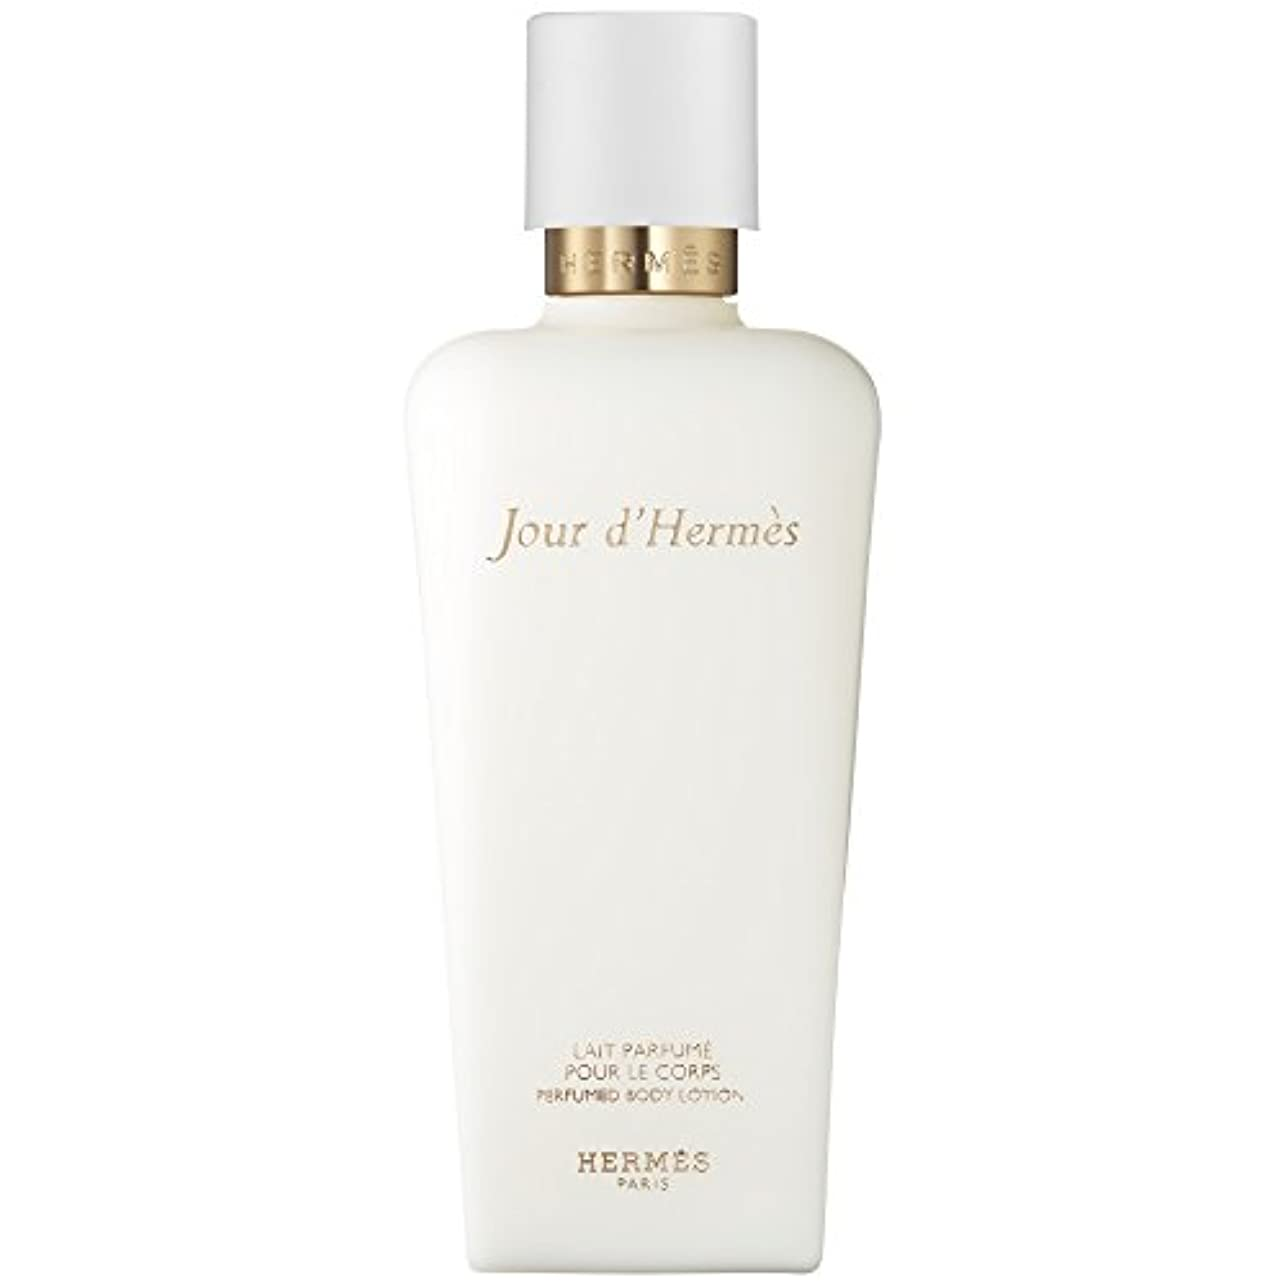 作りひねりバストエルメスJourのドールエルメス賦香ボディローション200ミリリットル (HERM?S) (x6) - HERM?S Jour d'Herm?s Perfumed Body Lotion 200ml (Pack of 6...